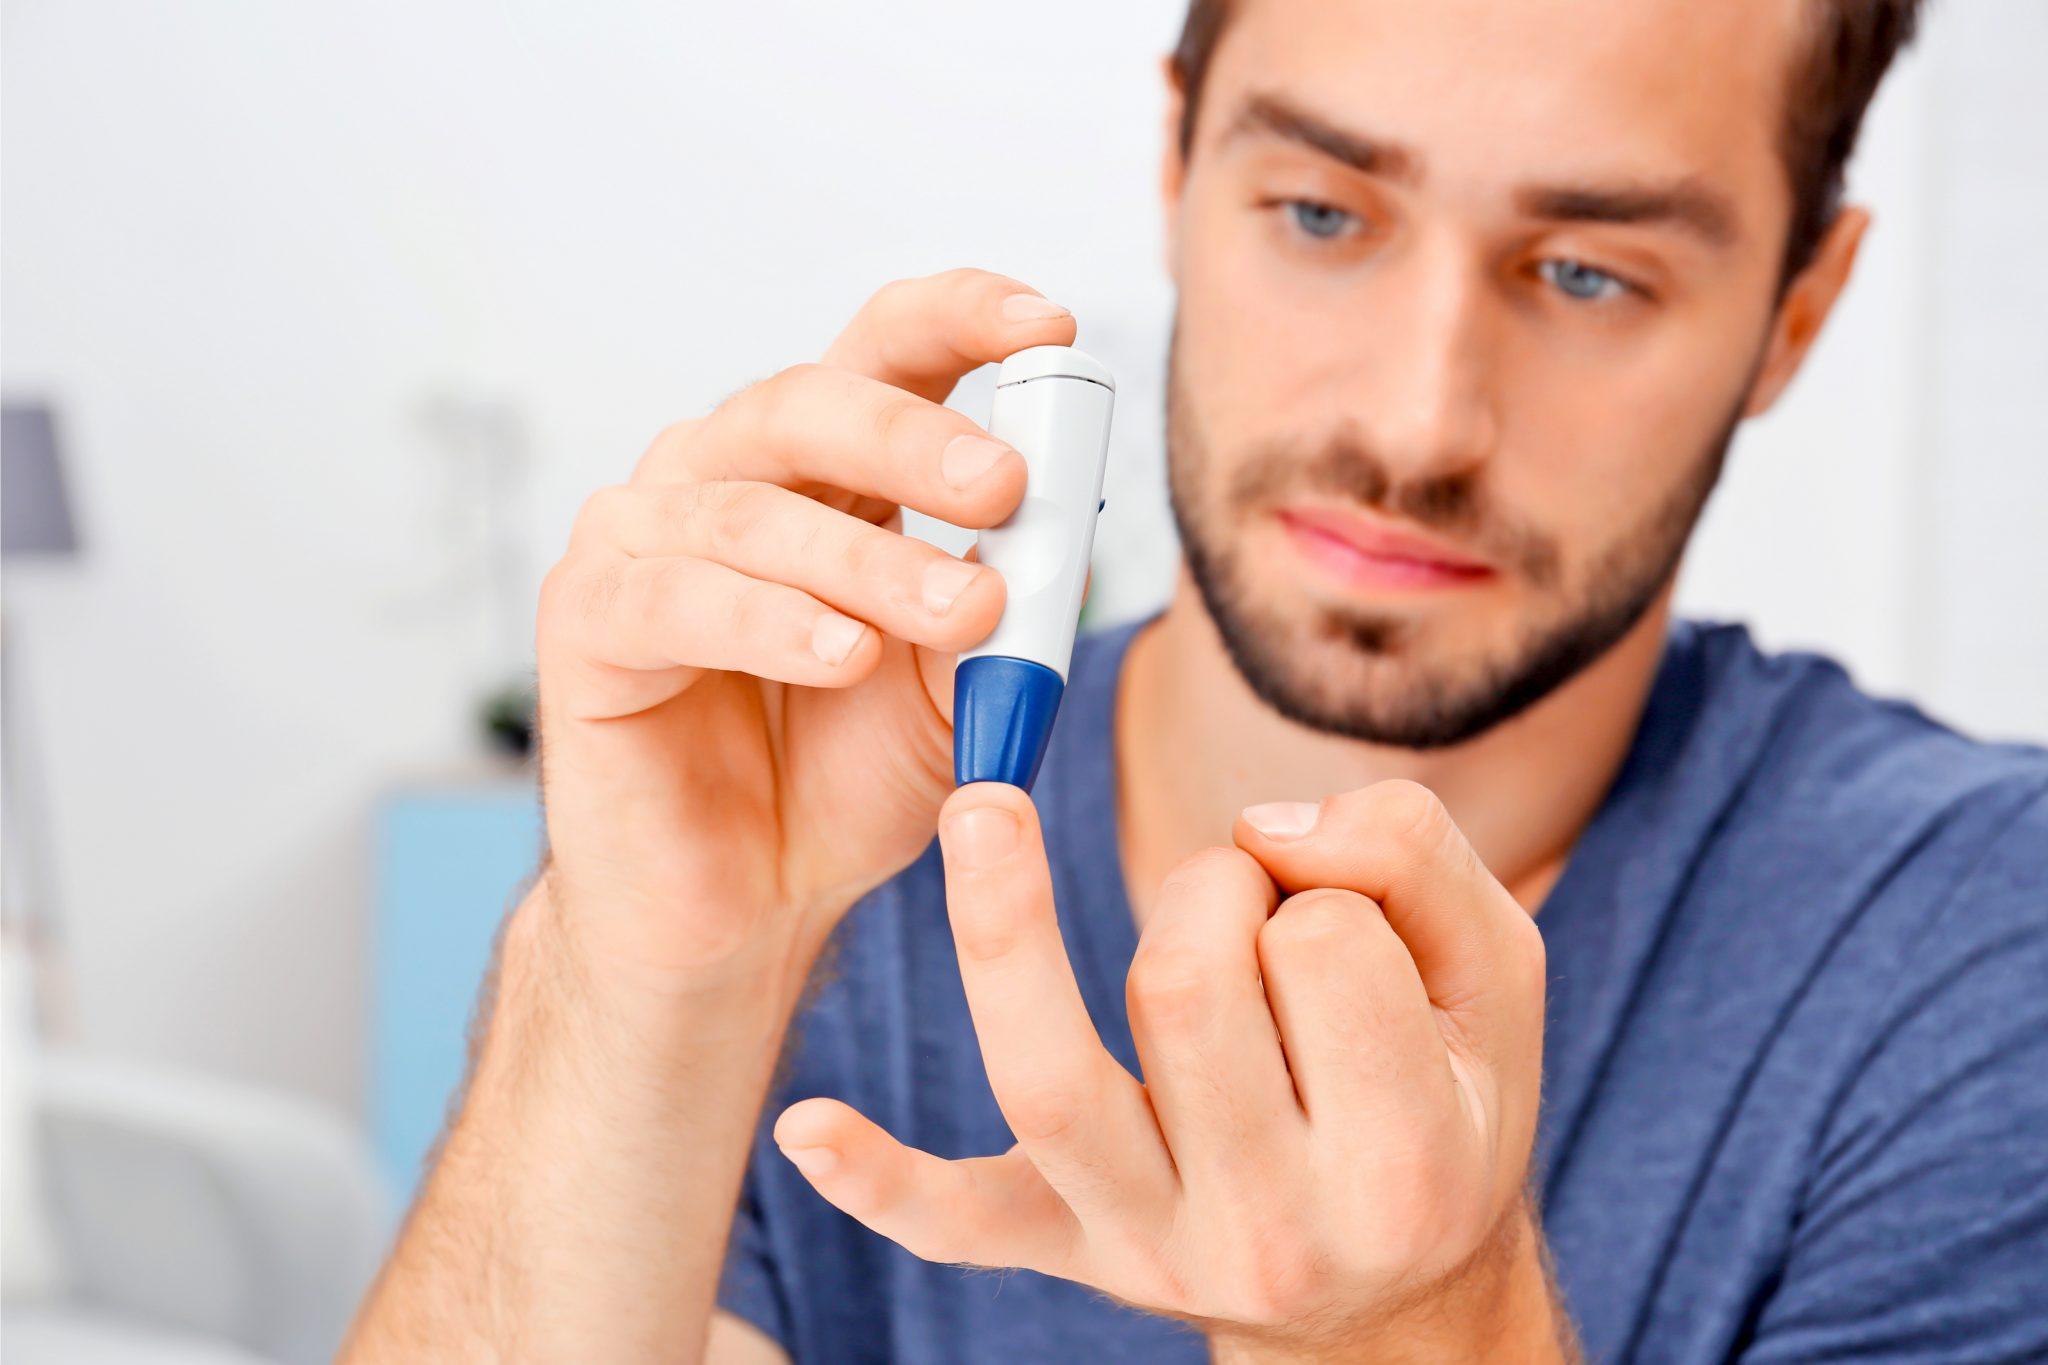 糖尿病患者が指の血液を採取している